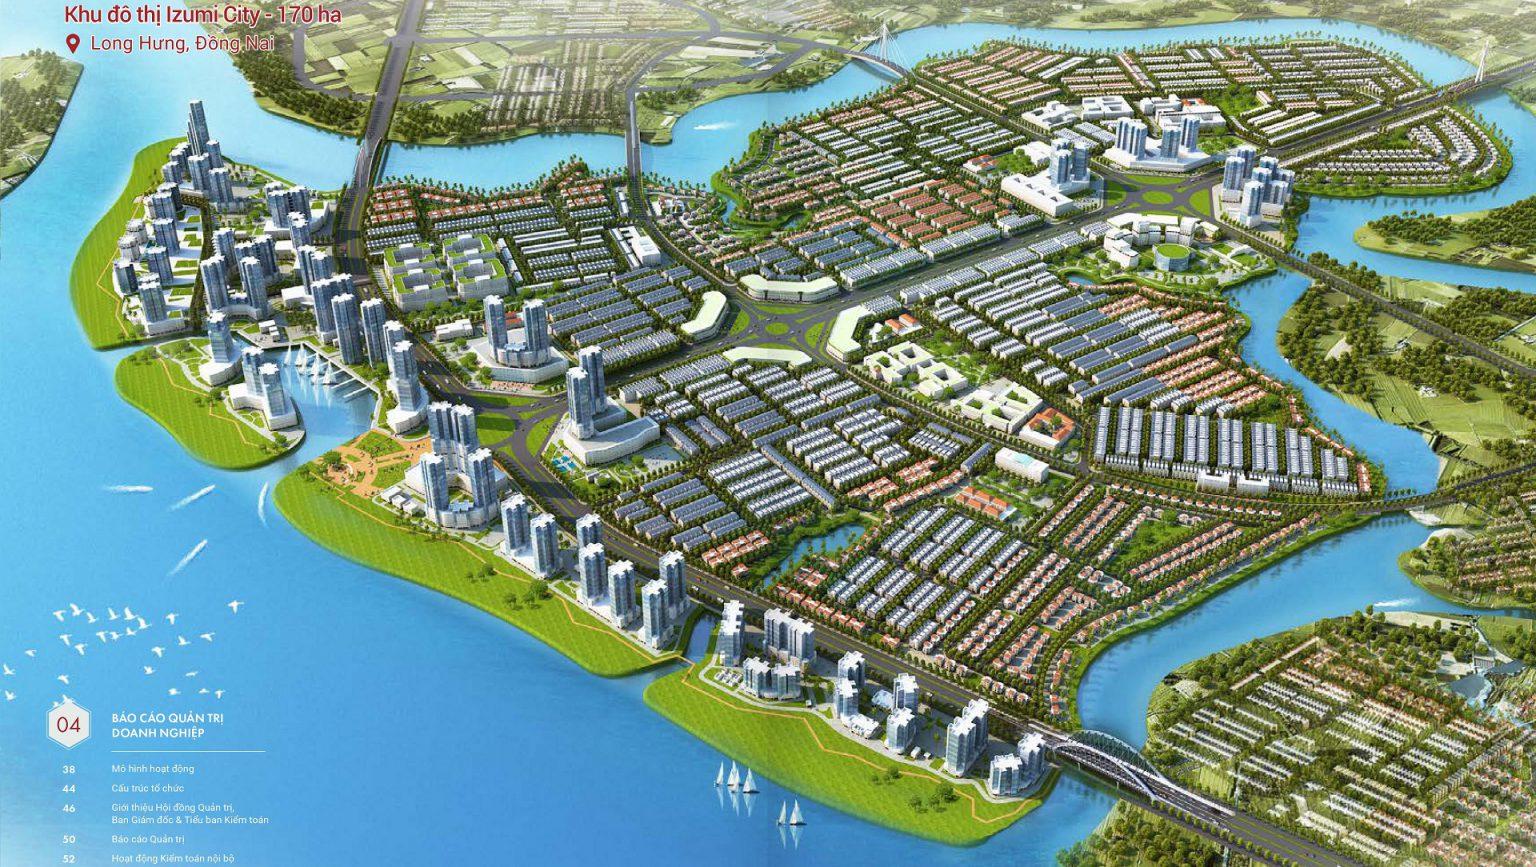 Phối cảnh tổng thể dự án khu đô thị Izumi City Biên Hòa, Đồng Nai